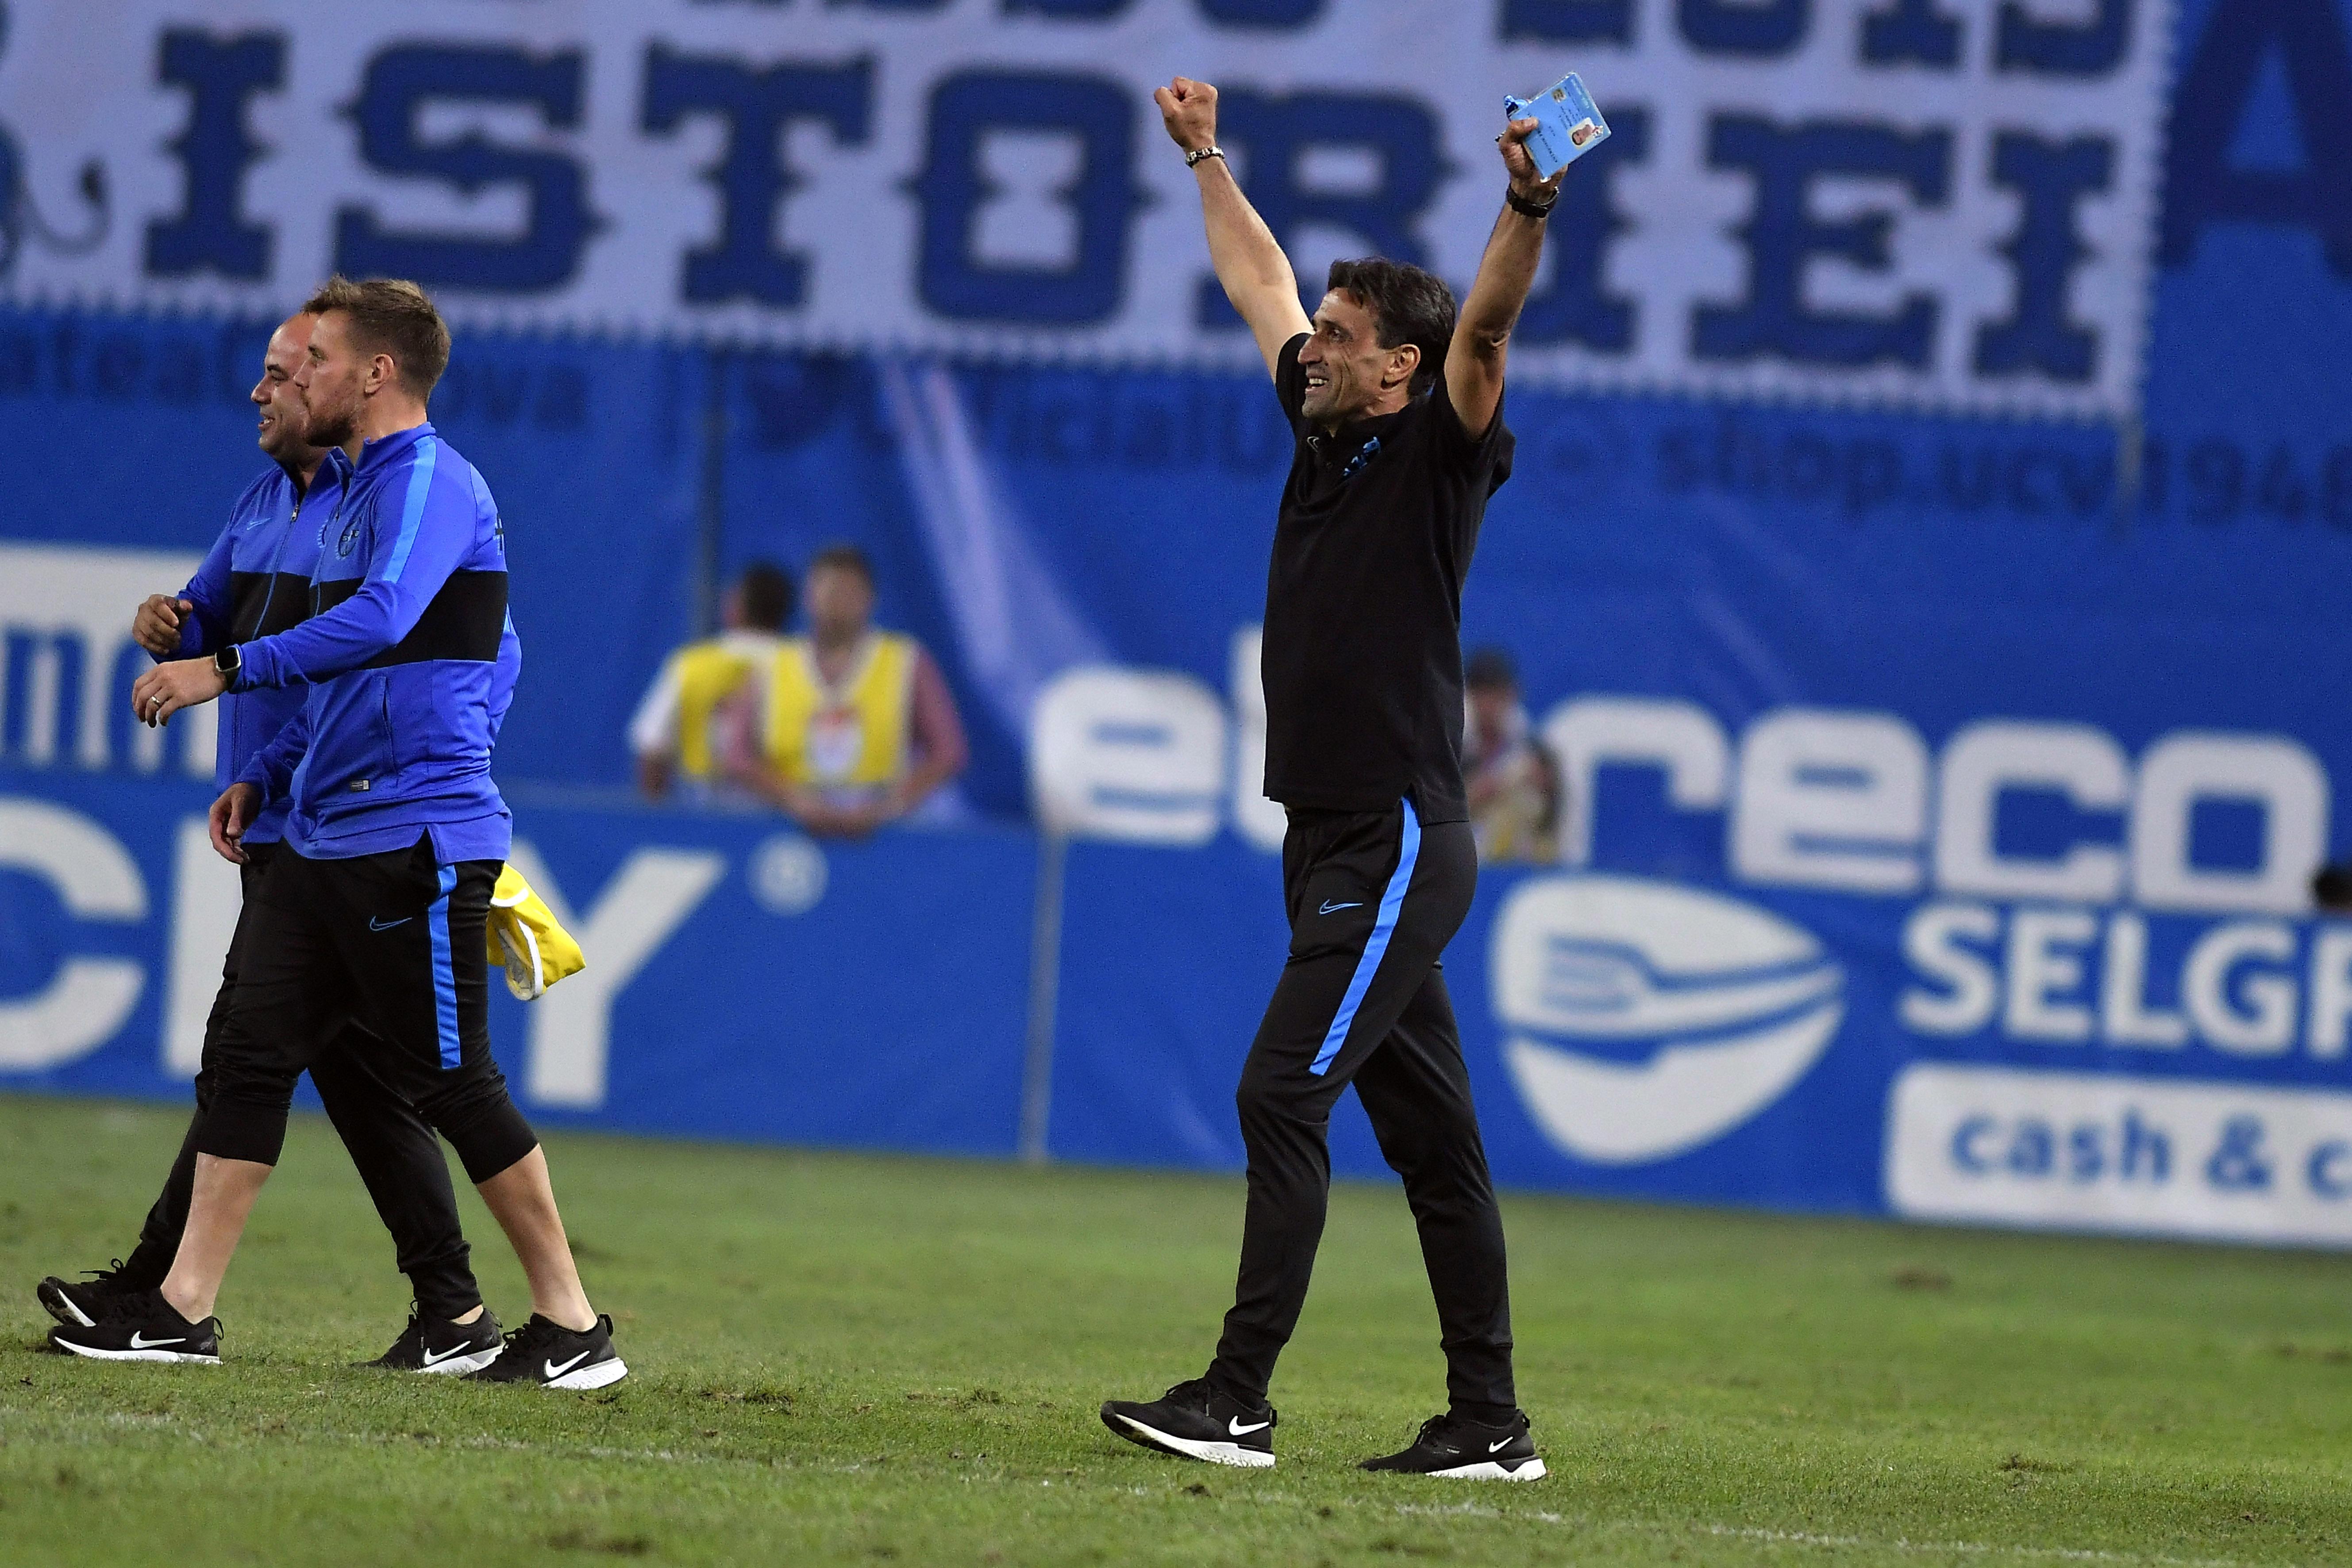 Atmosferă ca niciodată, rezultat ca întotdeauna! Reportaj FANATIK de la debutul lui Pițurcă în Universitatea Craiova - FCSB